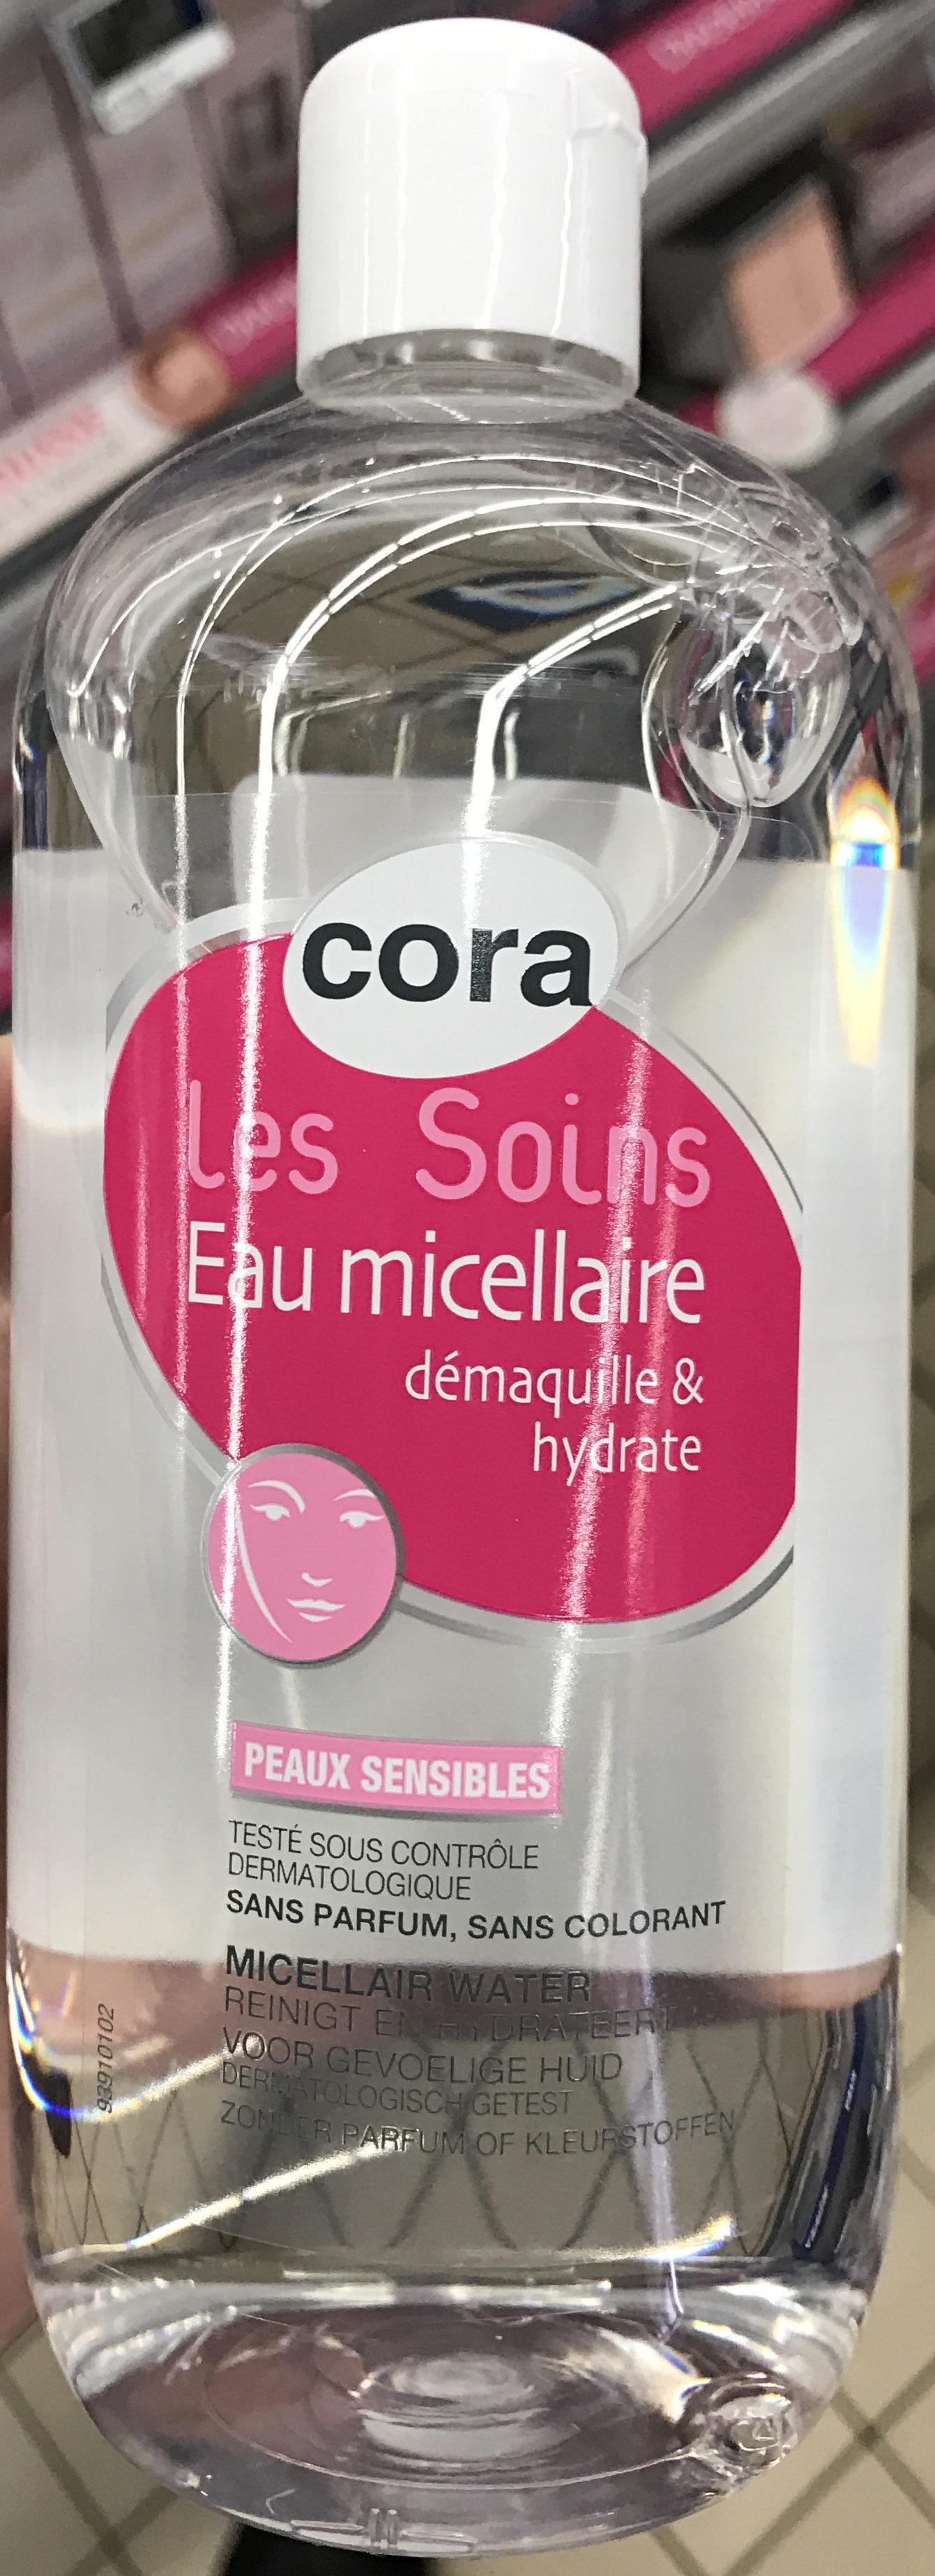 Les Soins Eau micellaire Peaux Sensibles - Product - fr